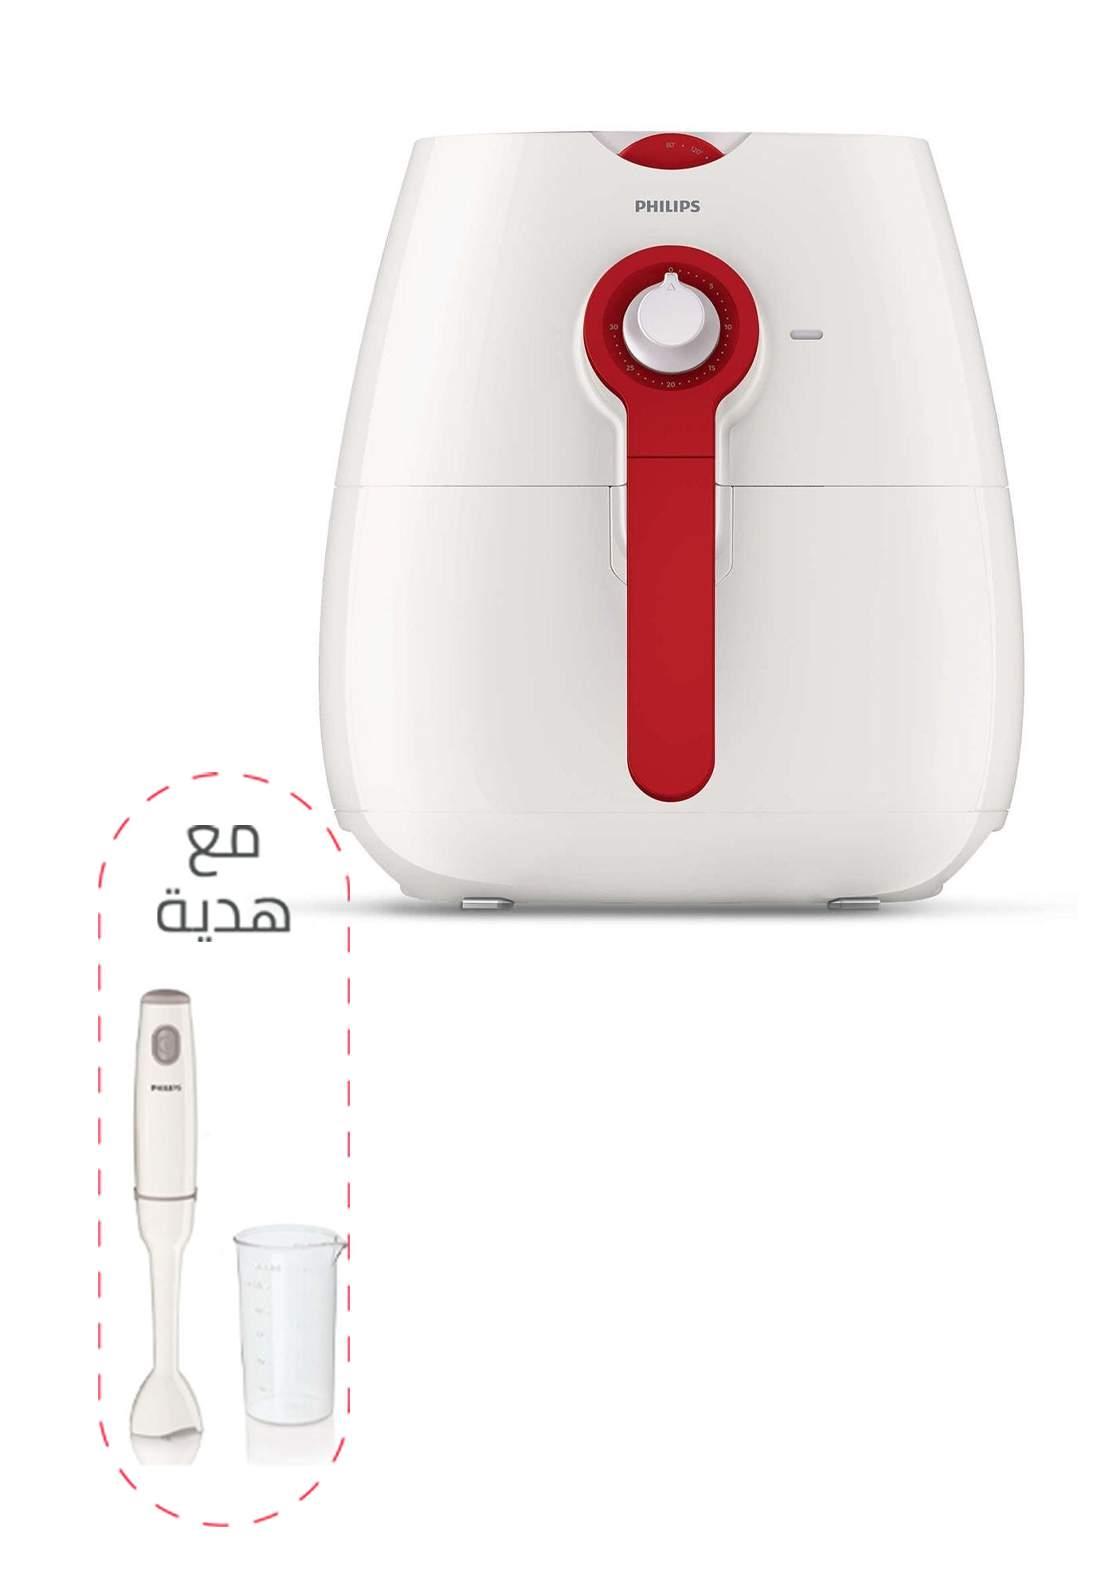 عرض مقلاة هوائية كهربائية+خلاط يدوي هدية HD9217+HR1600